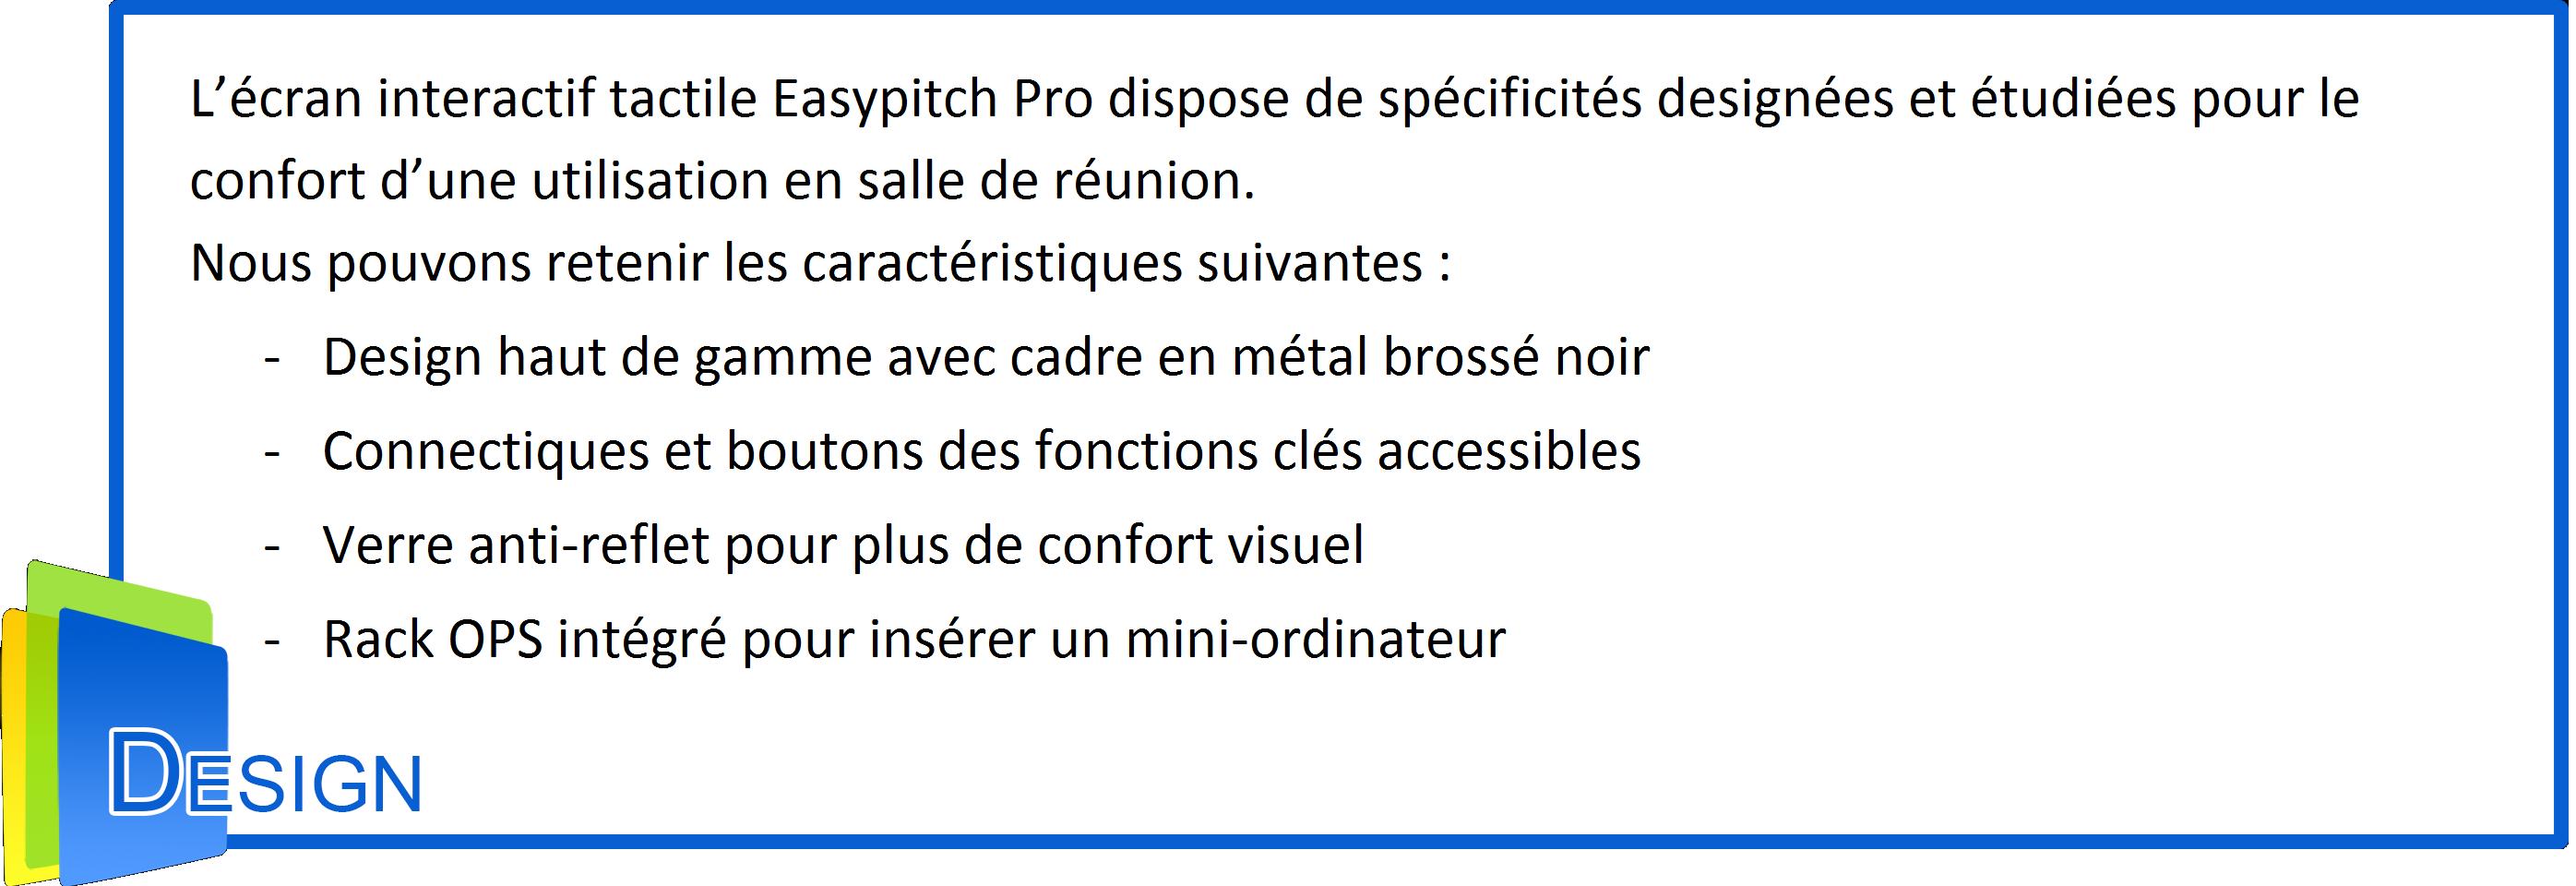 les caractéristiques du design des écrans interactifs easypitch pro pour entreprise